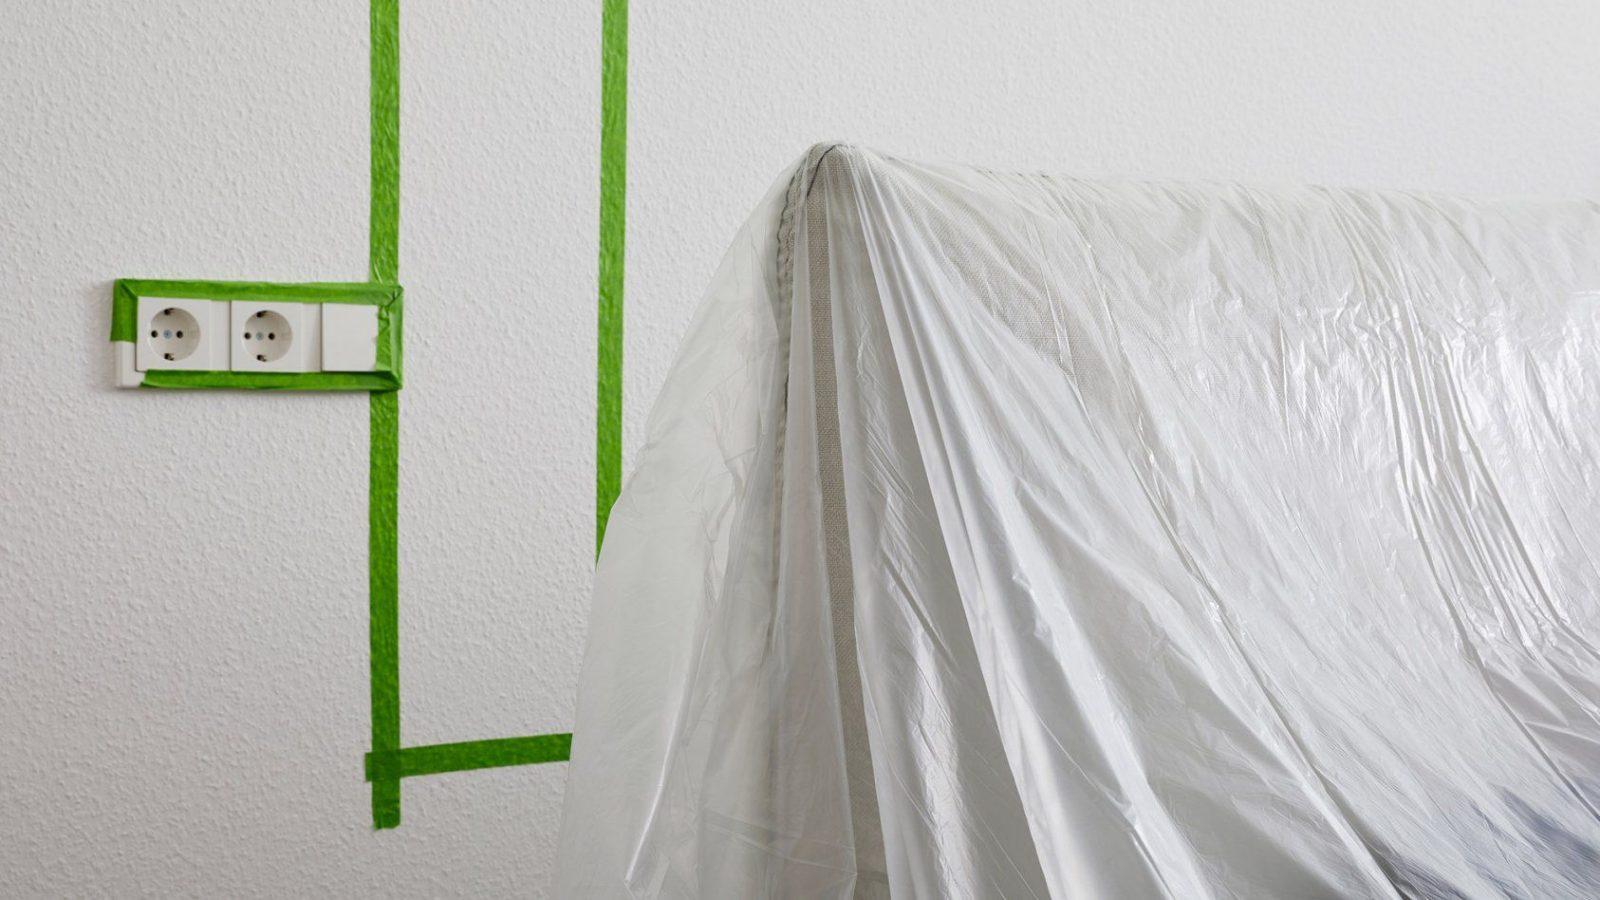 Wunderschöne Wand Streichen Muster Abkleben – Gabelectronics von Wand Streichen Muster Abkleben Bild